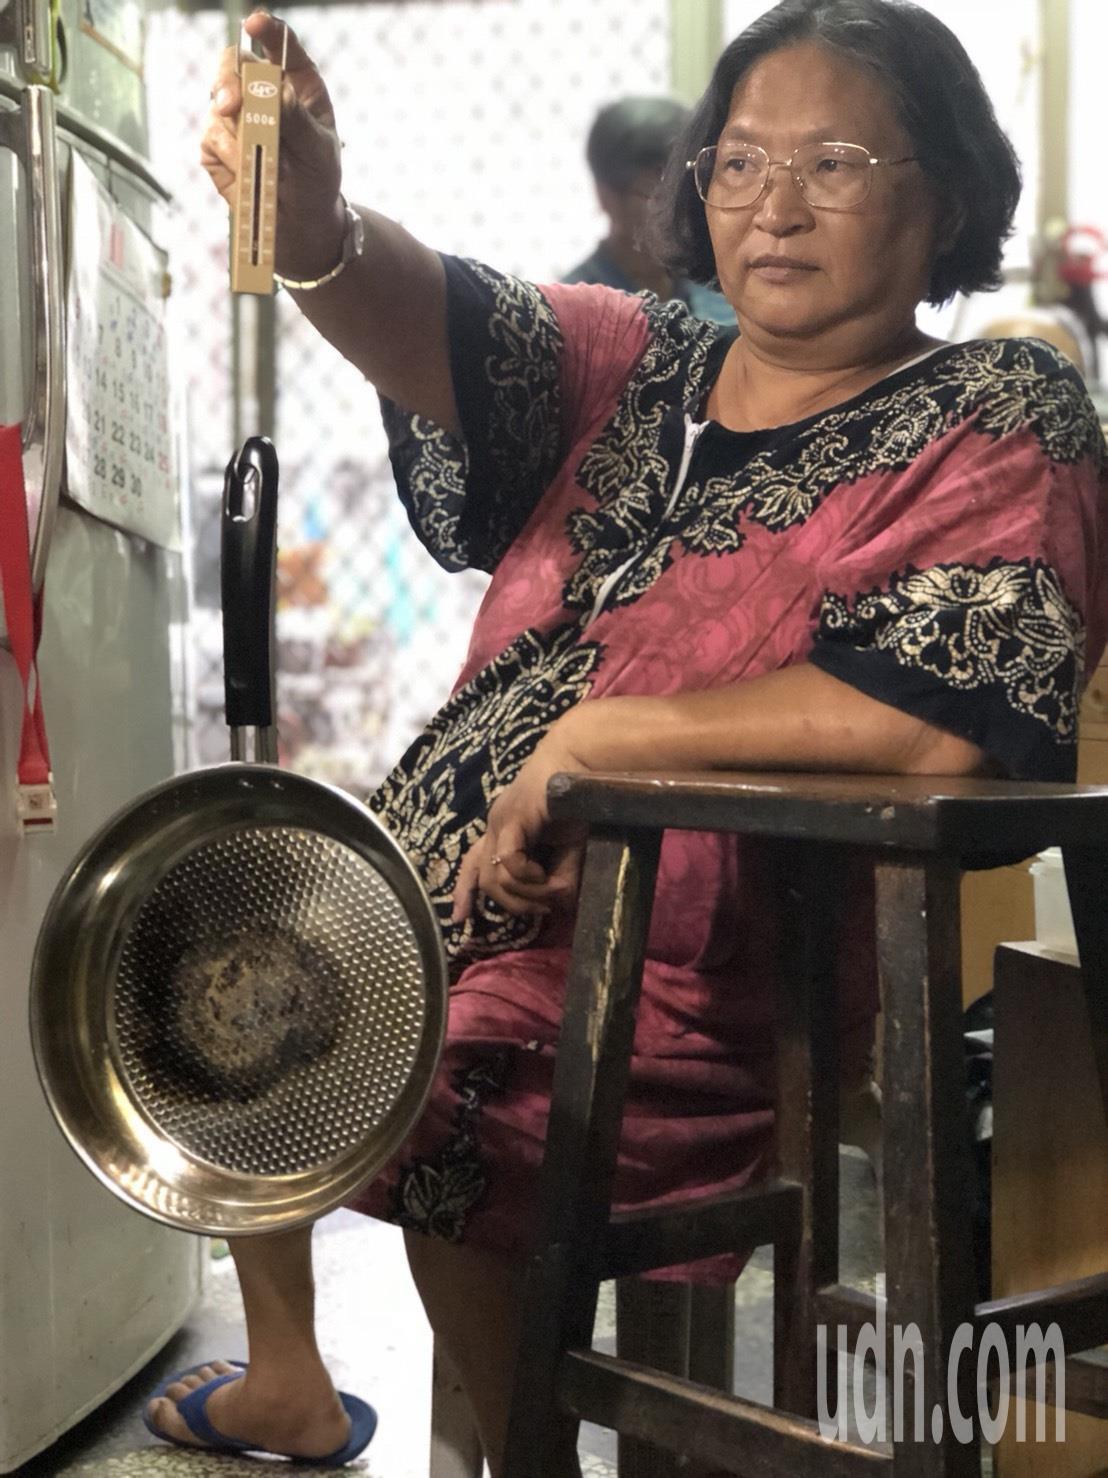 嘉義市婦人羅碧芳投訴指出,去年底被臉書廣告打動,花1088元買了一只不鏽鋼平底煎...